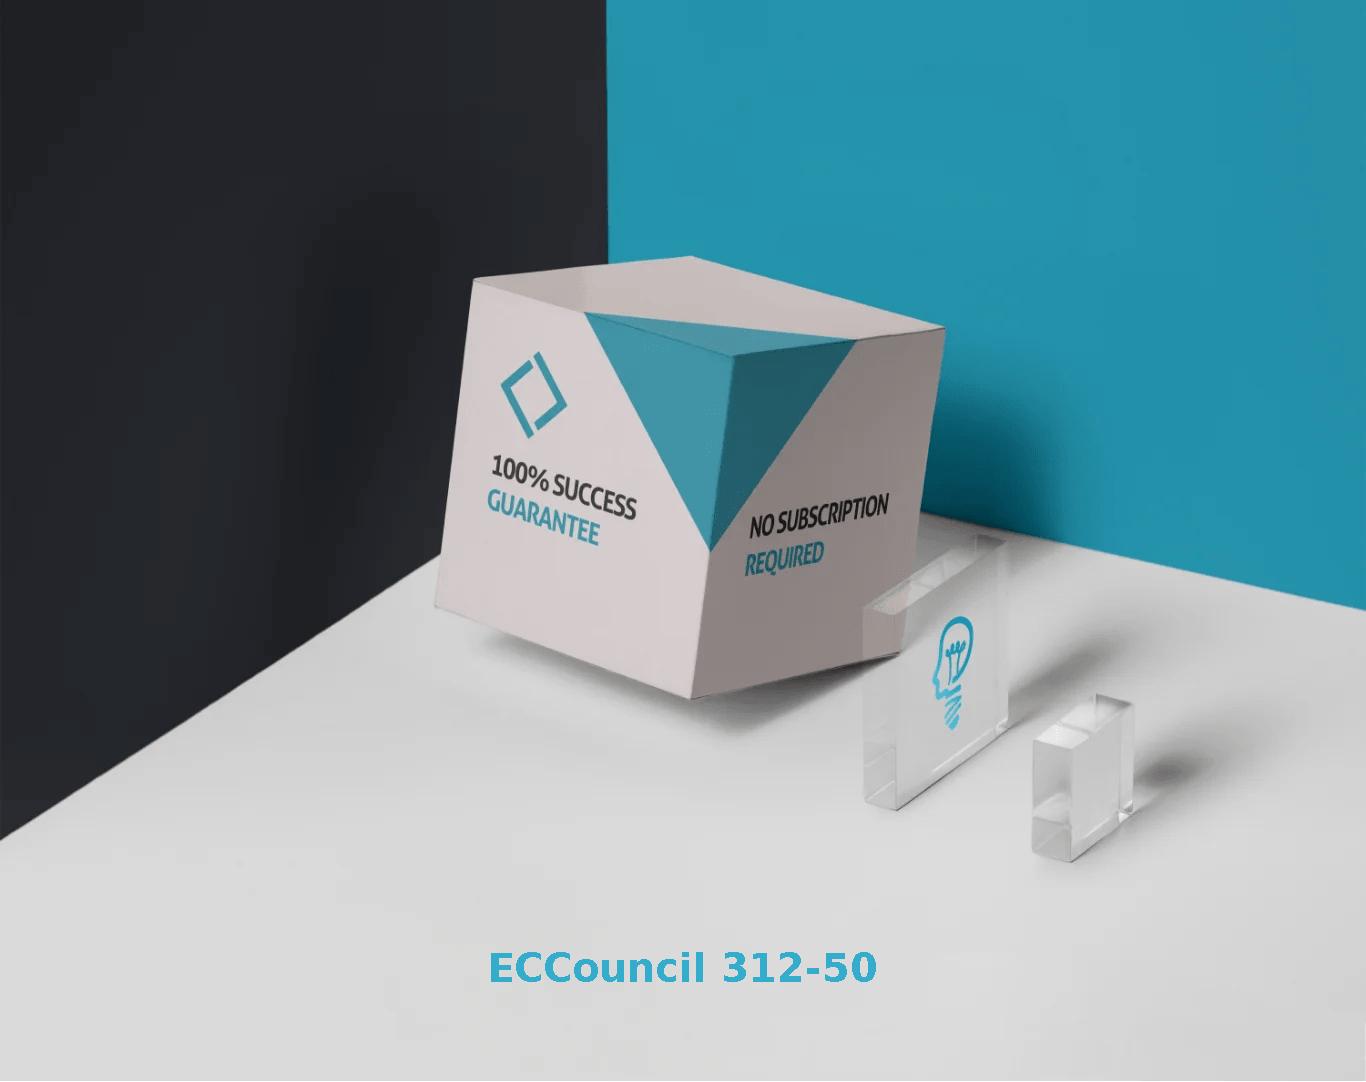 ECCouncil 312-50 Exams